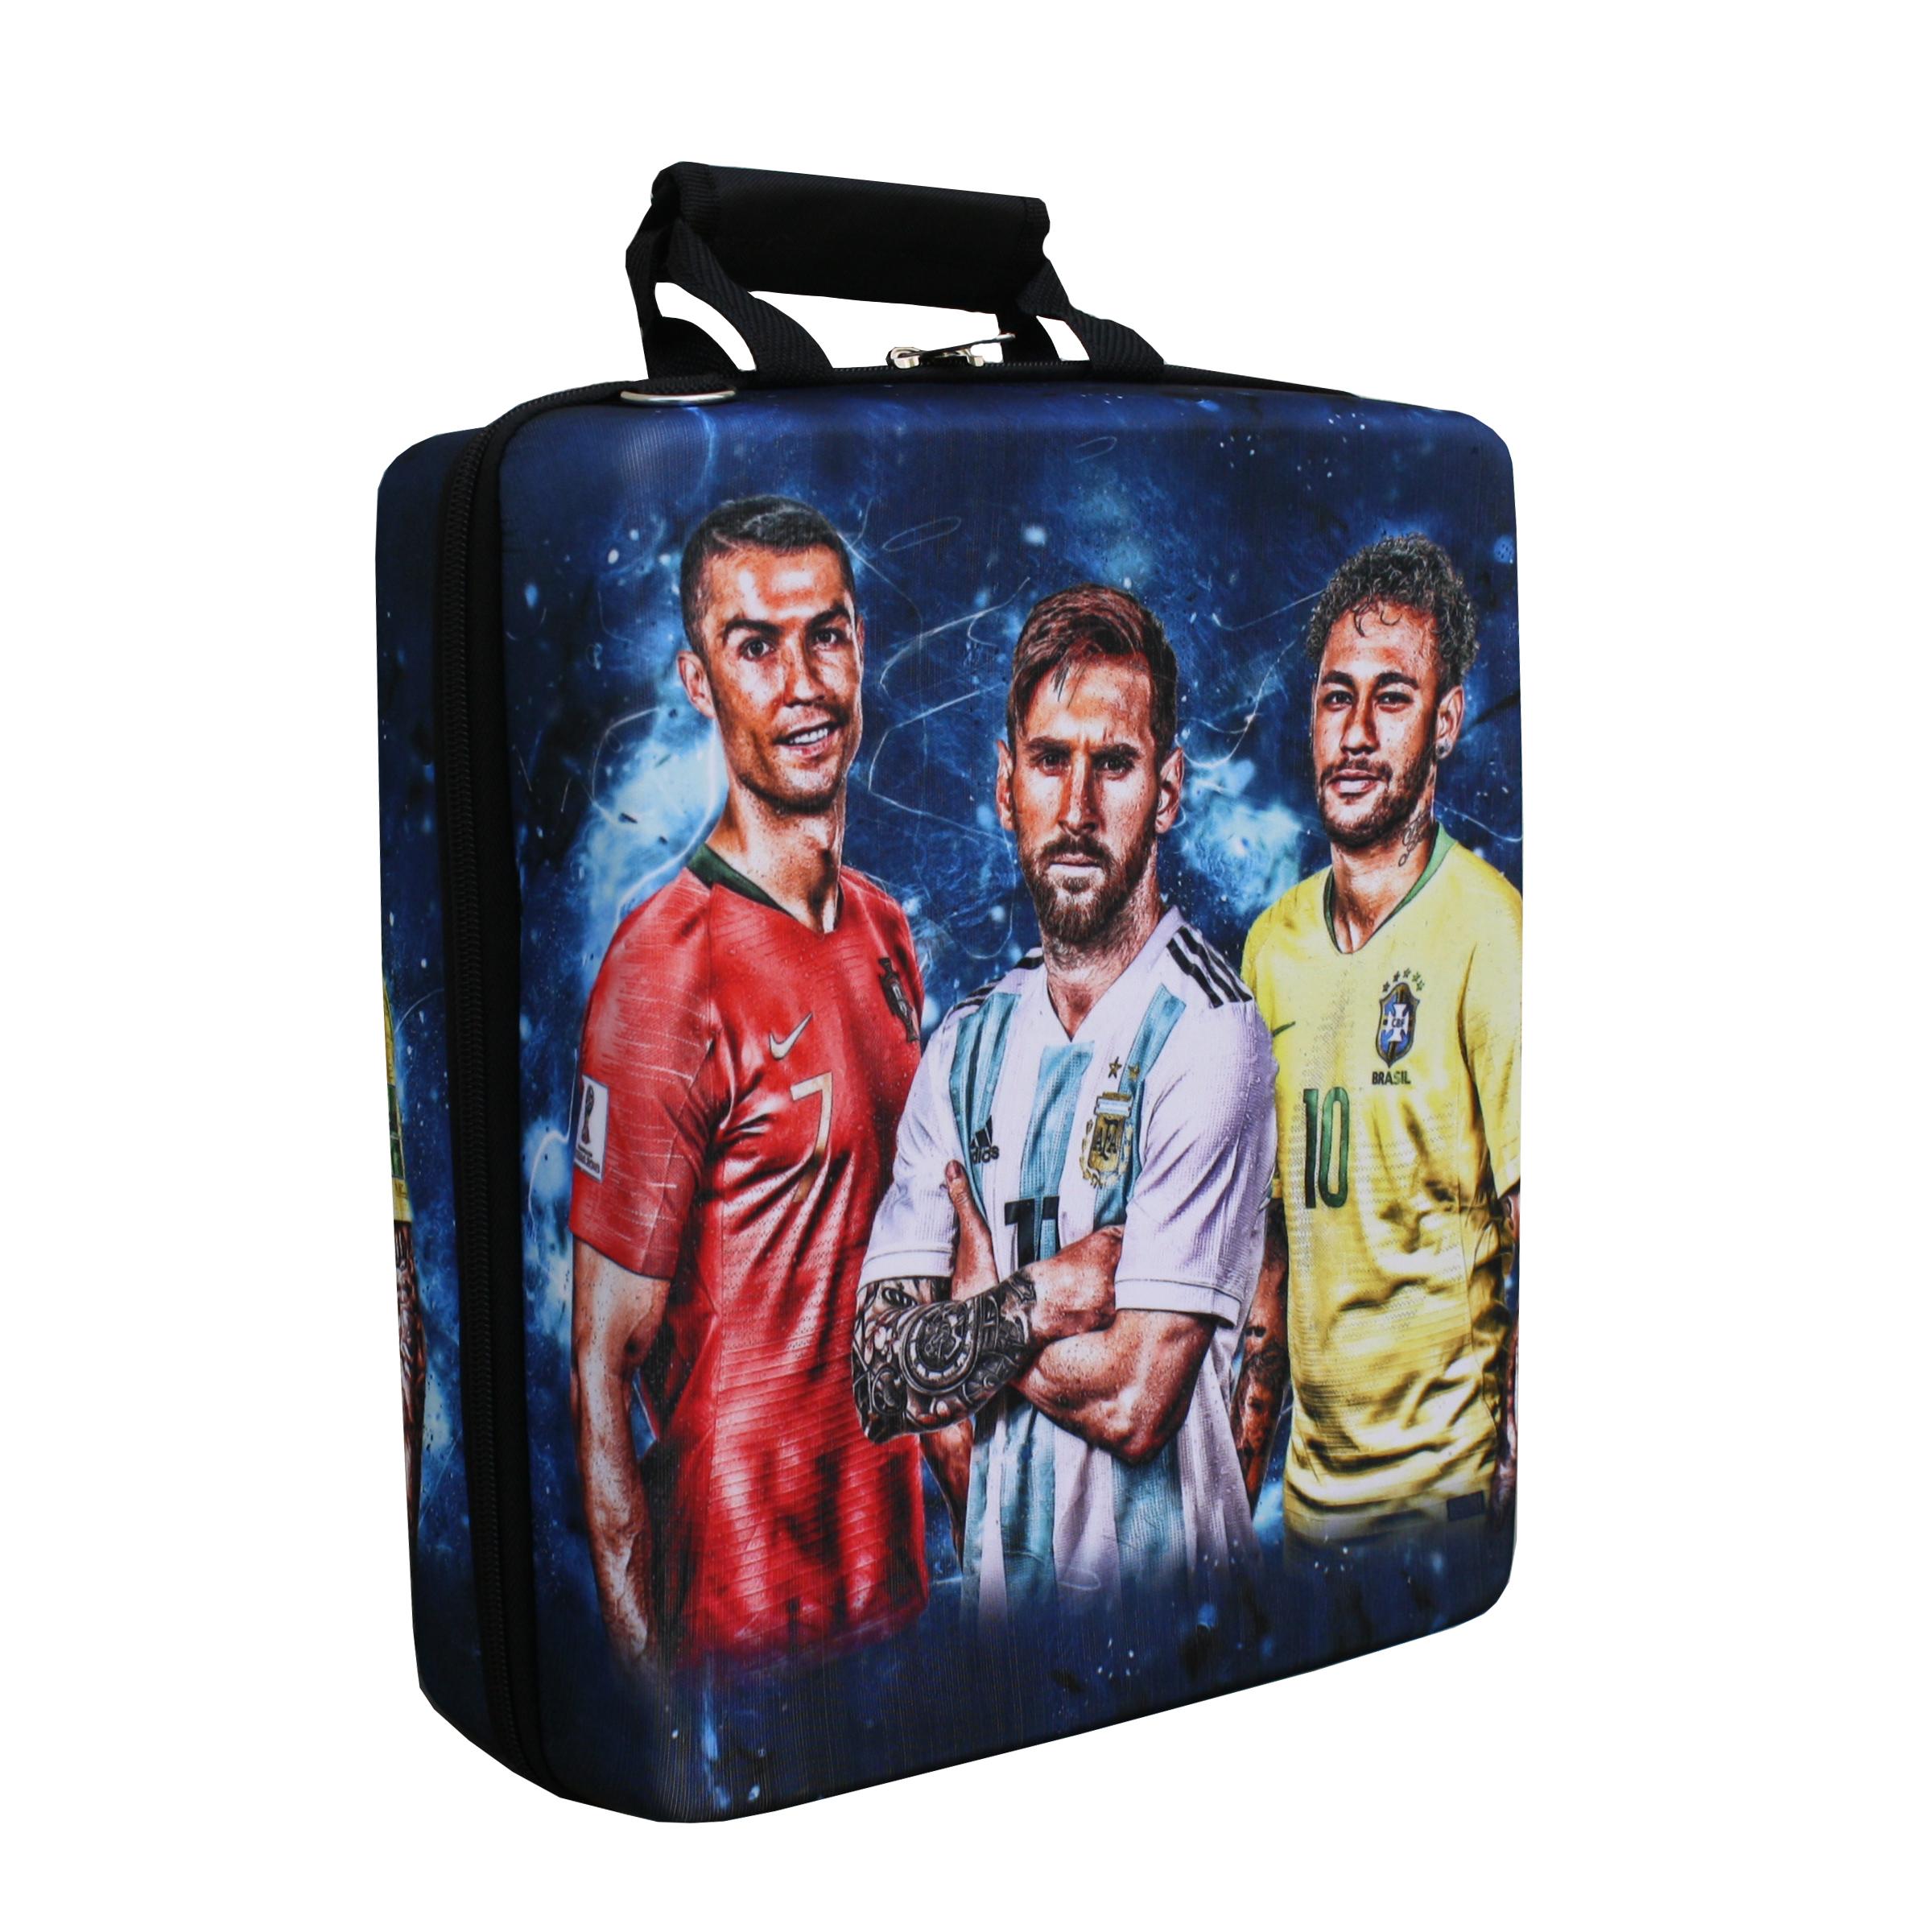 کیف حمل کنسول پلی استیشن 4 مدل neymar messi ronaldo کد 1004